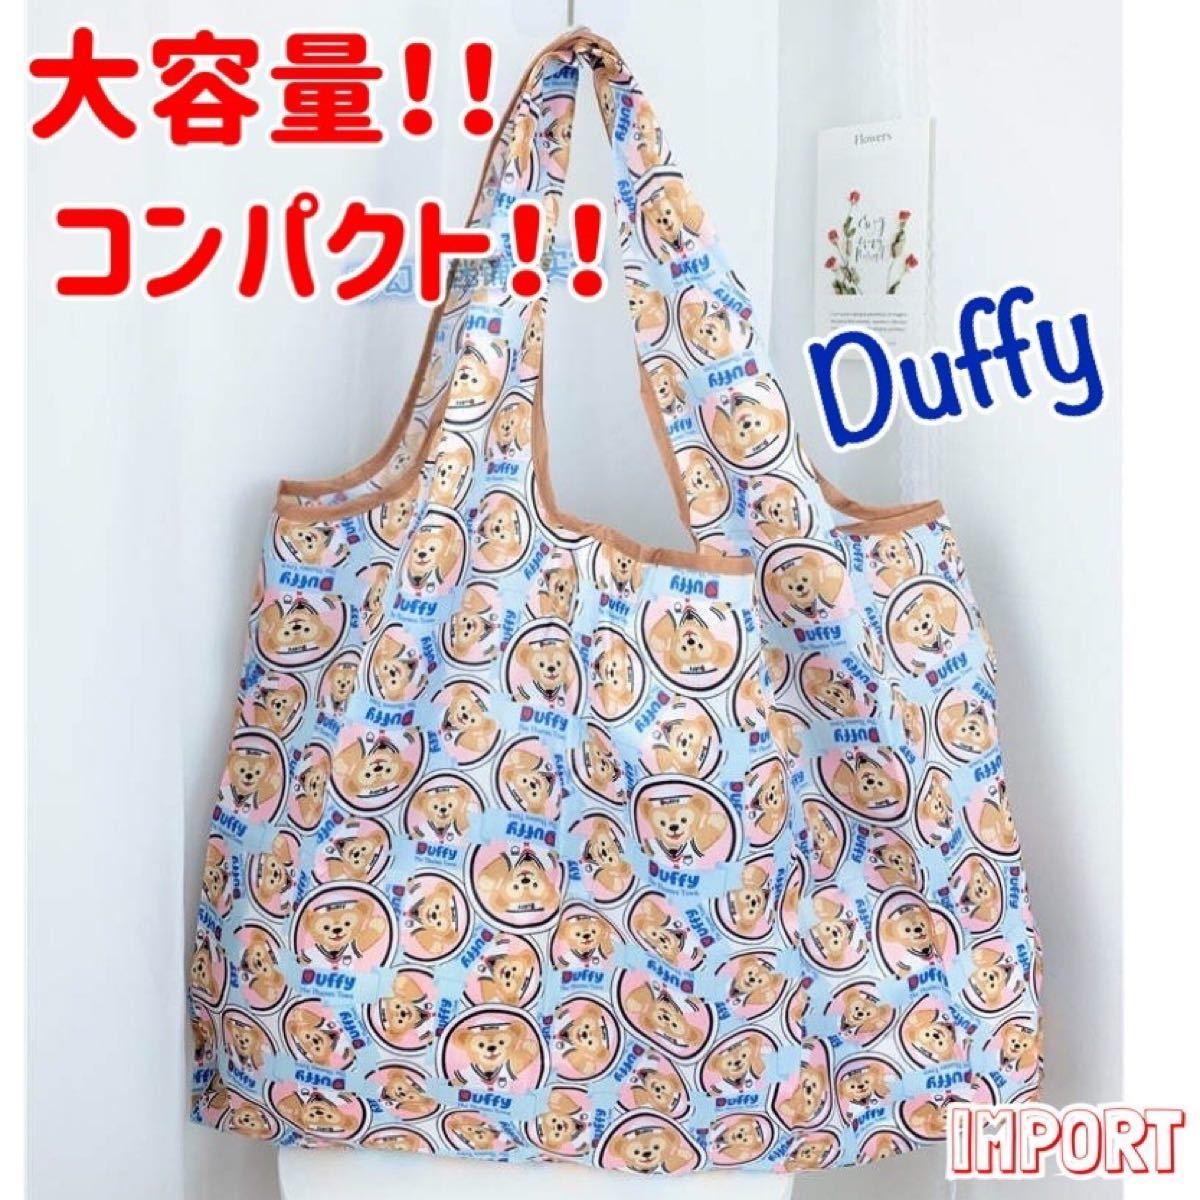 エコバッグ 大容量 ショッピングバッグ ダッフィー Duffy エコバック